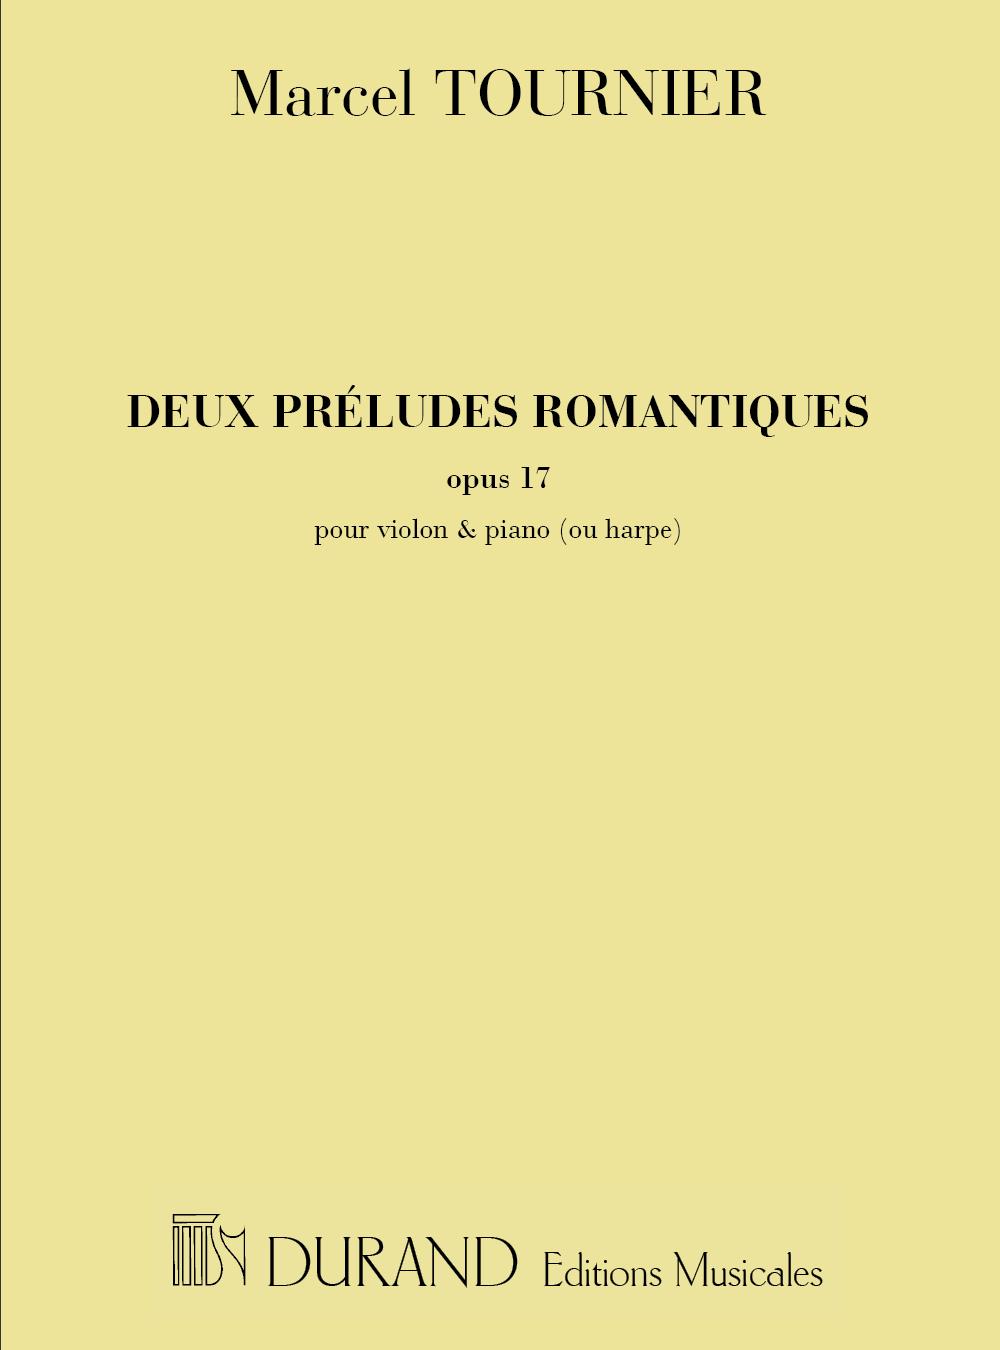 M. Tournier: Deux Preludes Romantiques  Opus 17: Violin